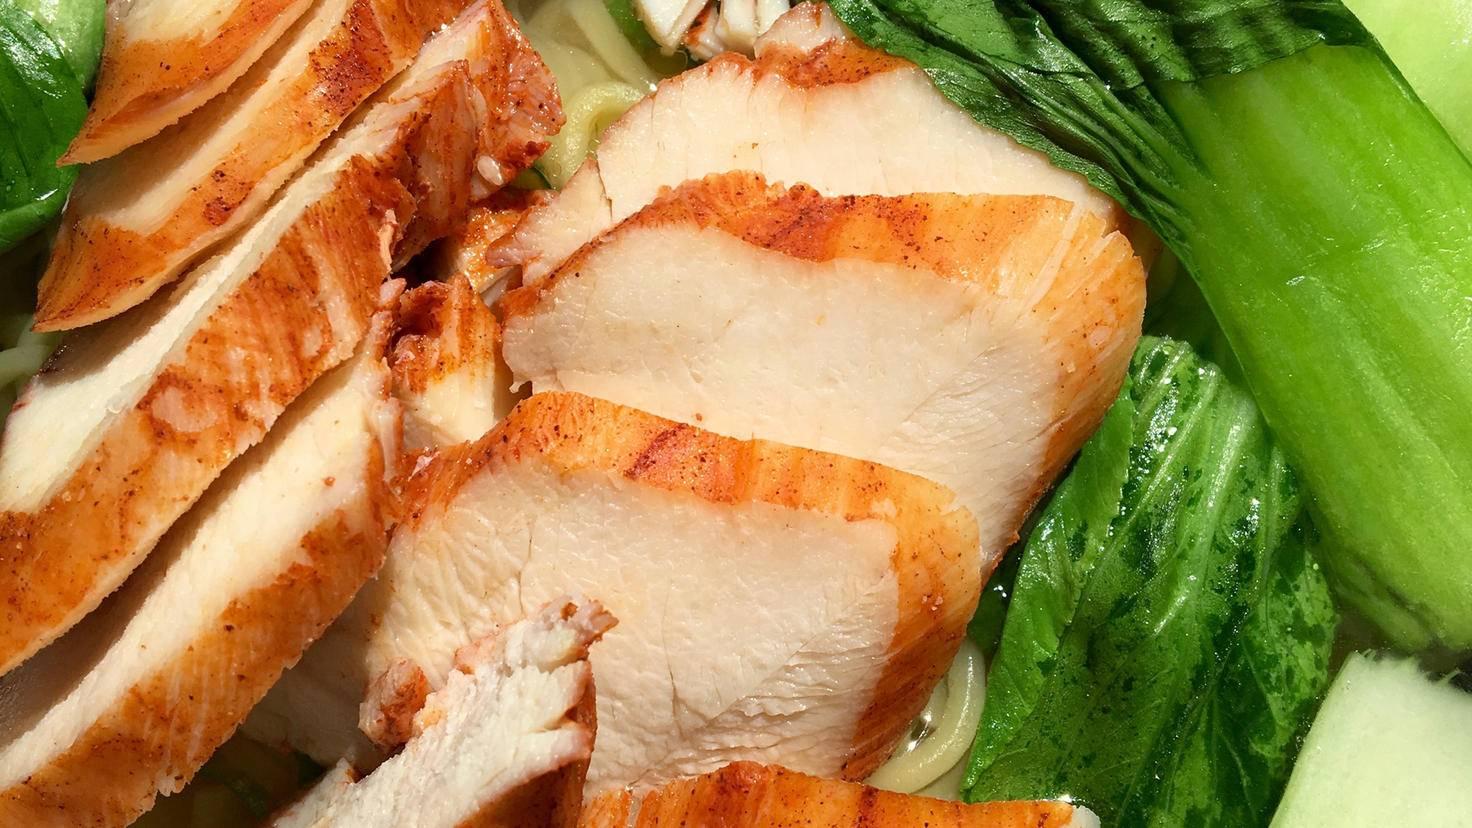 Weißes Fleisch von Pute oder Hähnchen enthält wenig Fett.